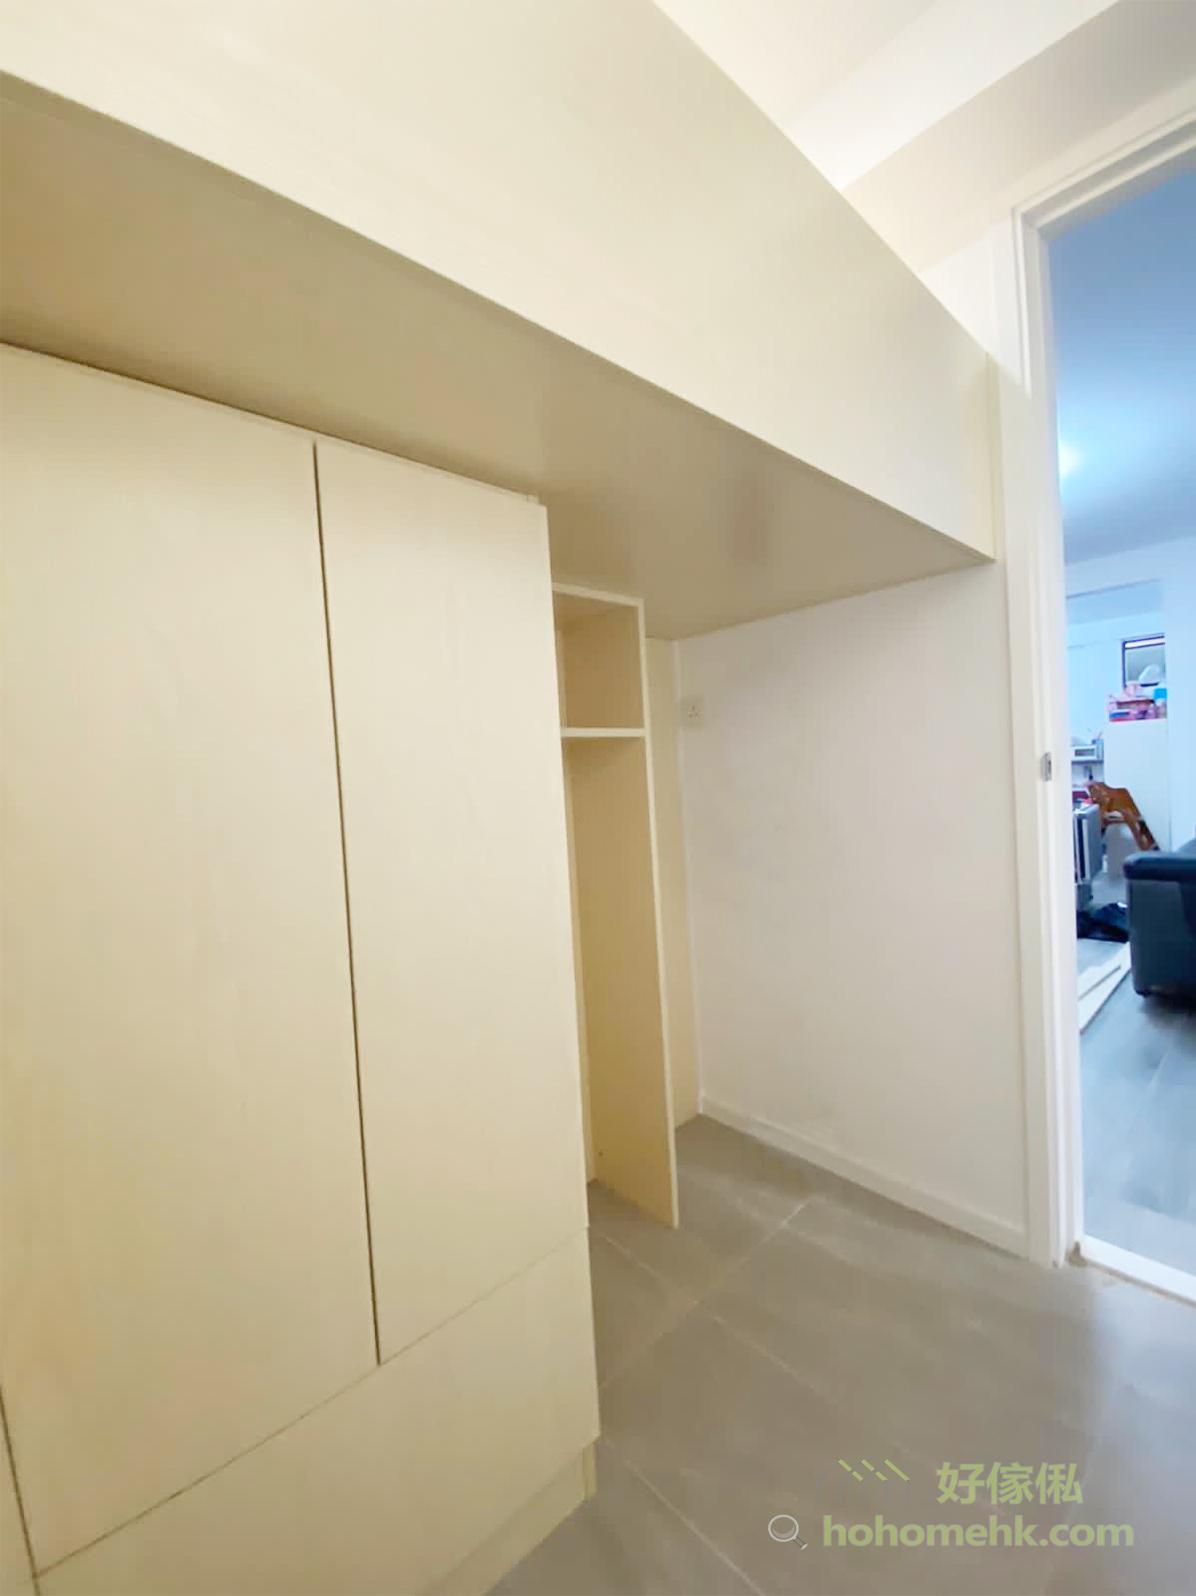 將工人房與儲物房功能合併,是出於對生活習慣的考慮,這樣既方便工人姐姐做家務,又不會影響客廳及廚房的動線